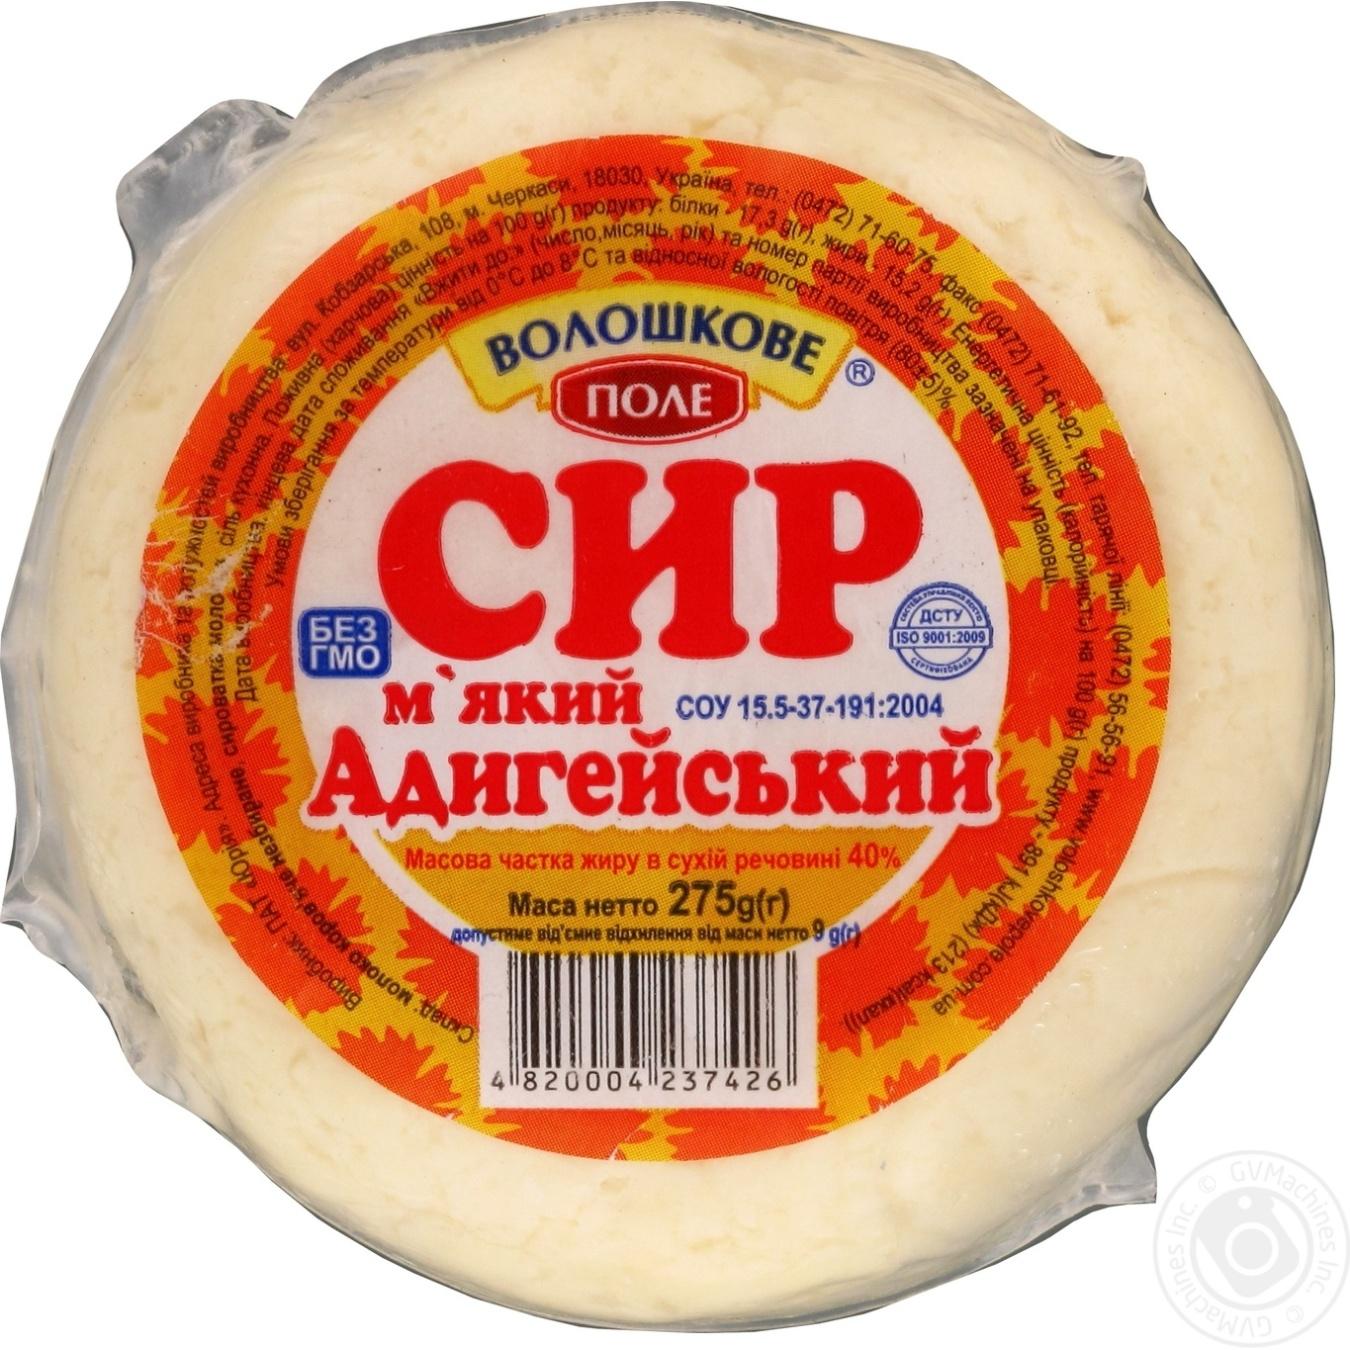 Сыр Волошковое поле адыгейский 275г